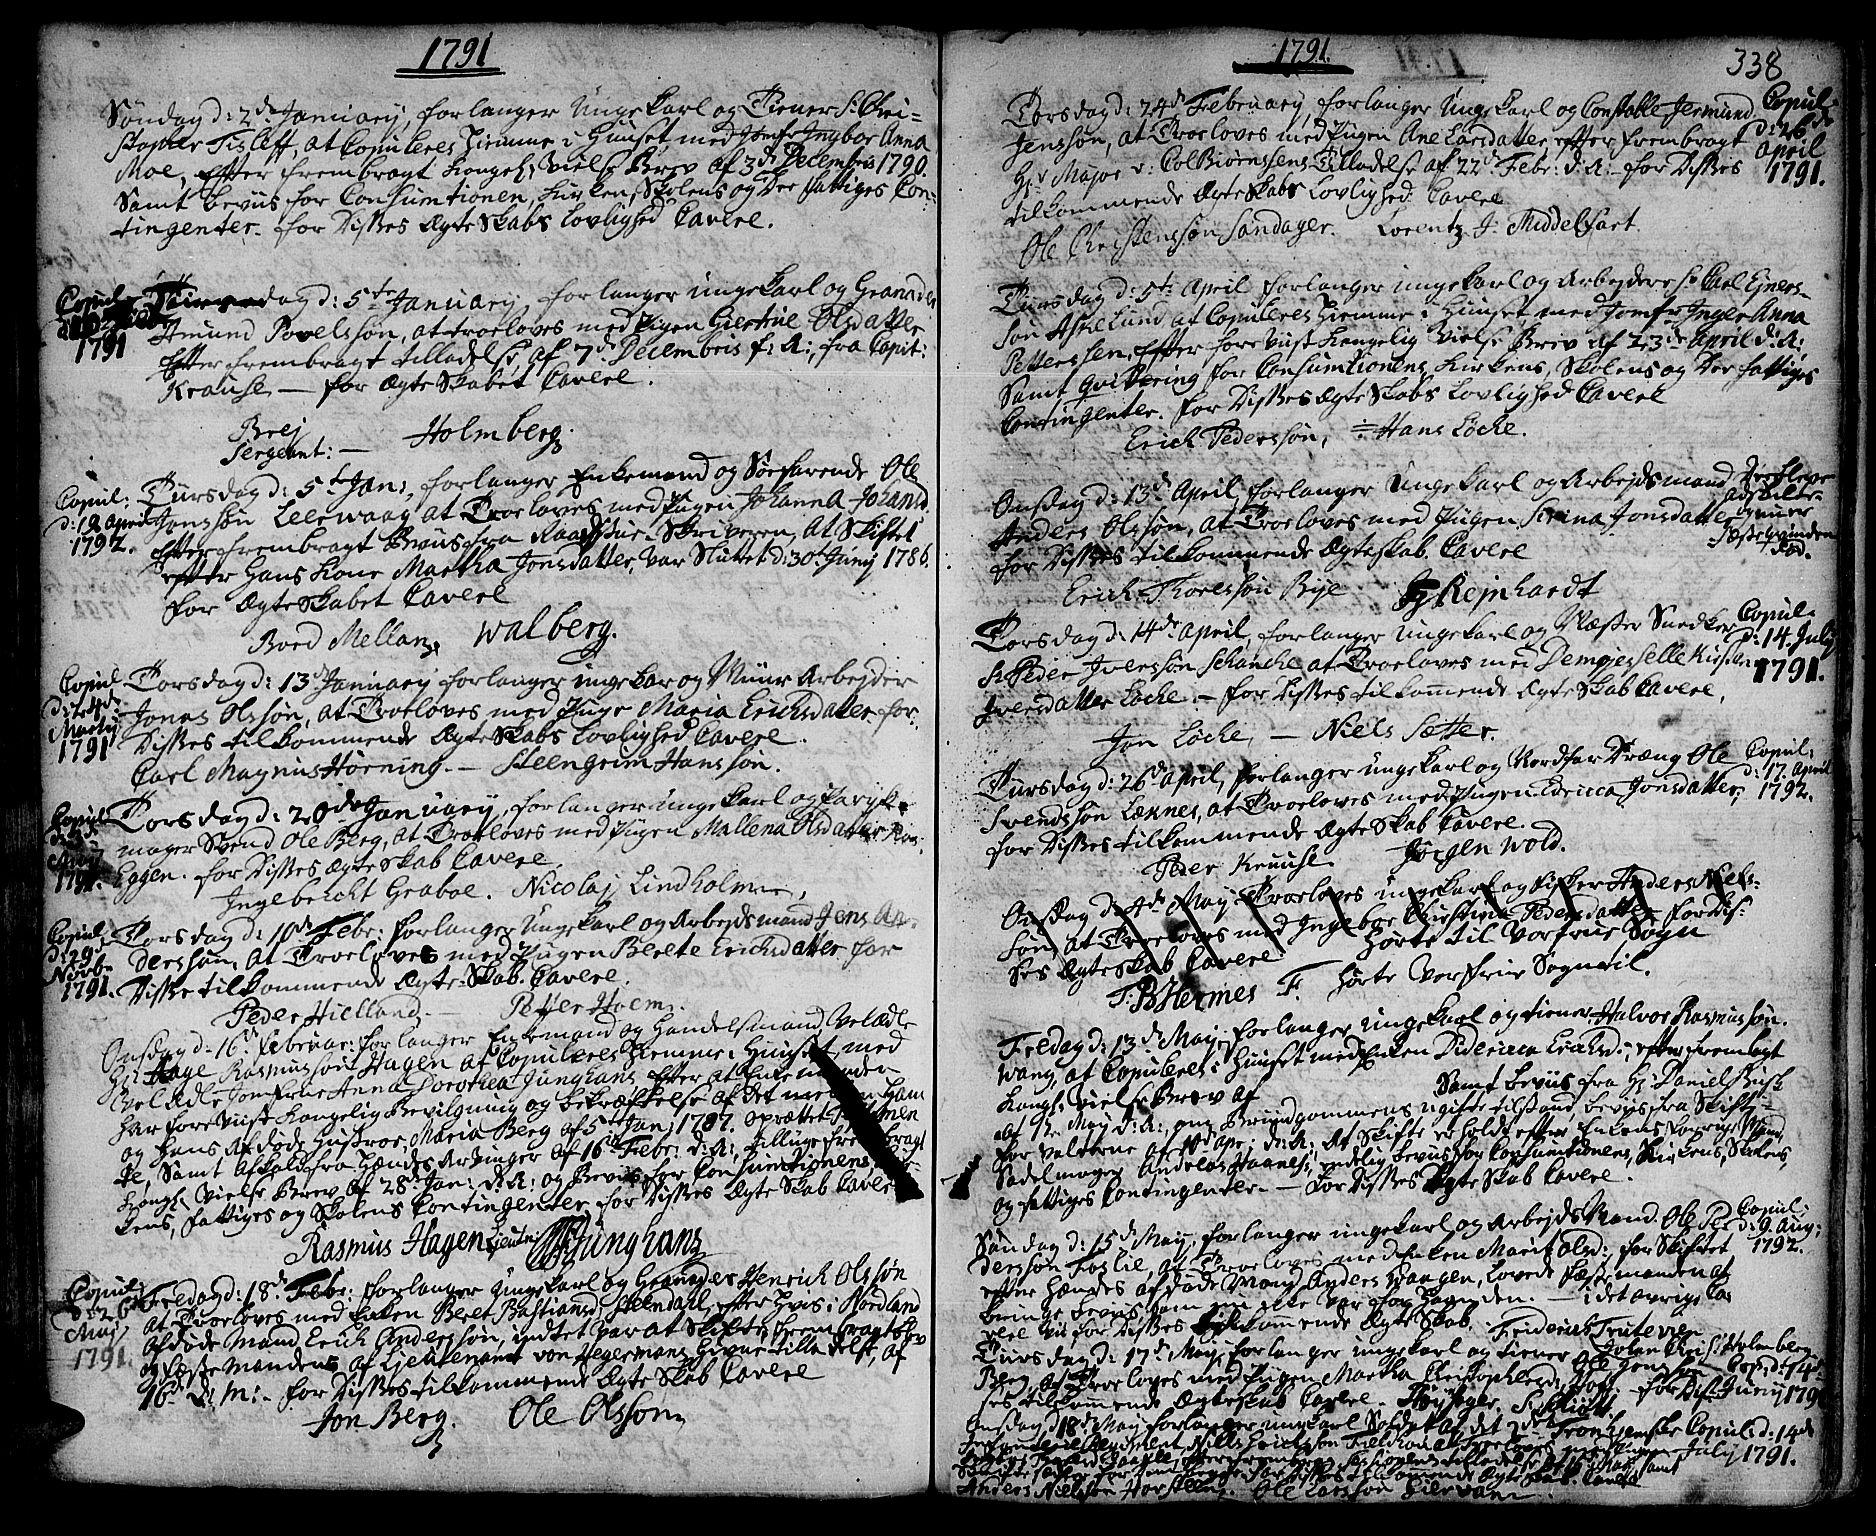 SAT, Ministerialprotokoller, klokkerbøker og fødselsregistre - Sør-Trøndelag, 601/L0038: Ministerialbok nr. 601A06, 1766-1877, s. 338